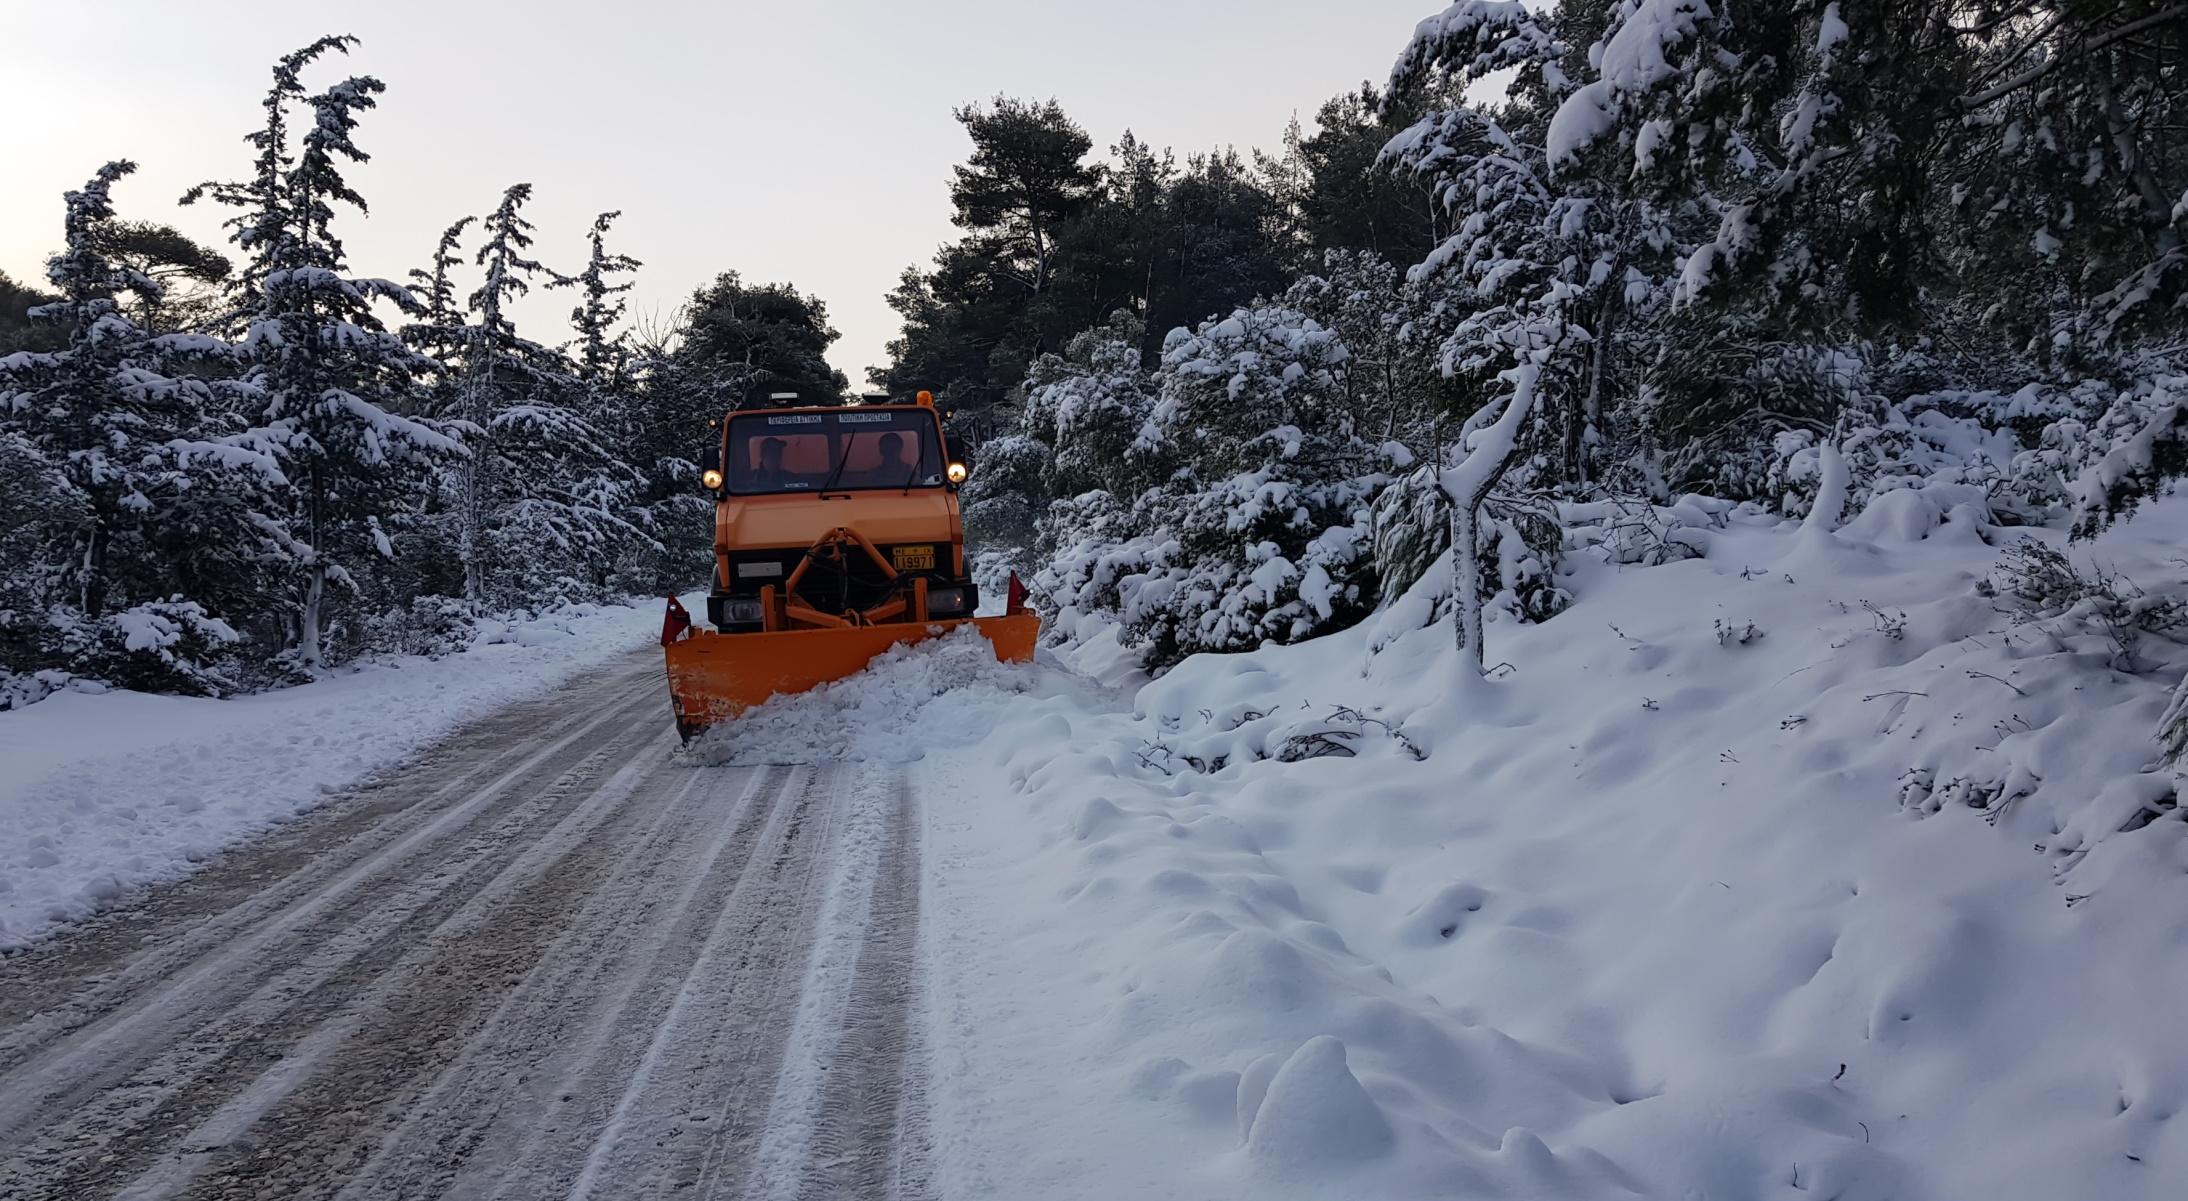 Καιρός – Κακοκαιρία Μήδεια: Που χιονίζει τώρα, Live εικόνα από όλη την Ελλάδα